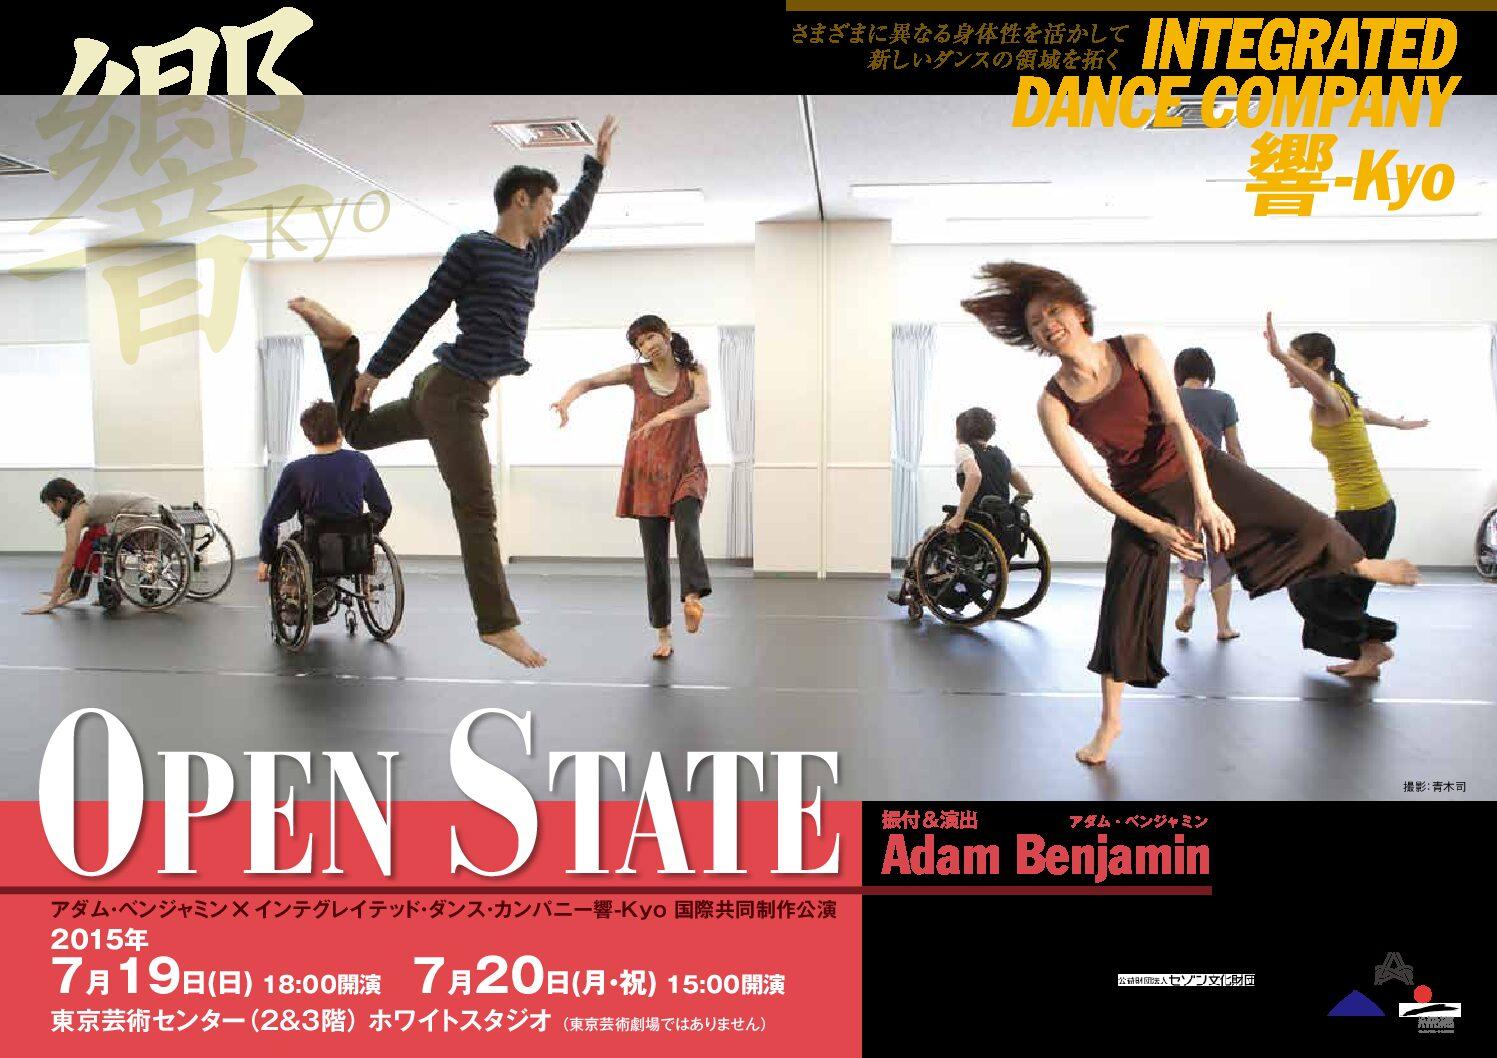 2015年度Integrated dance company 響-Kyo国際共同制作公演